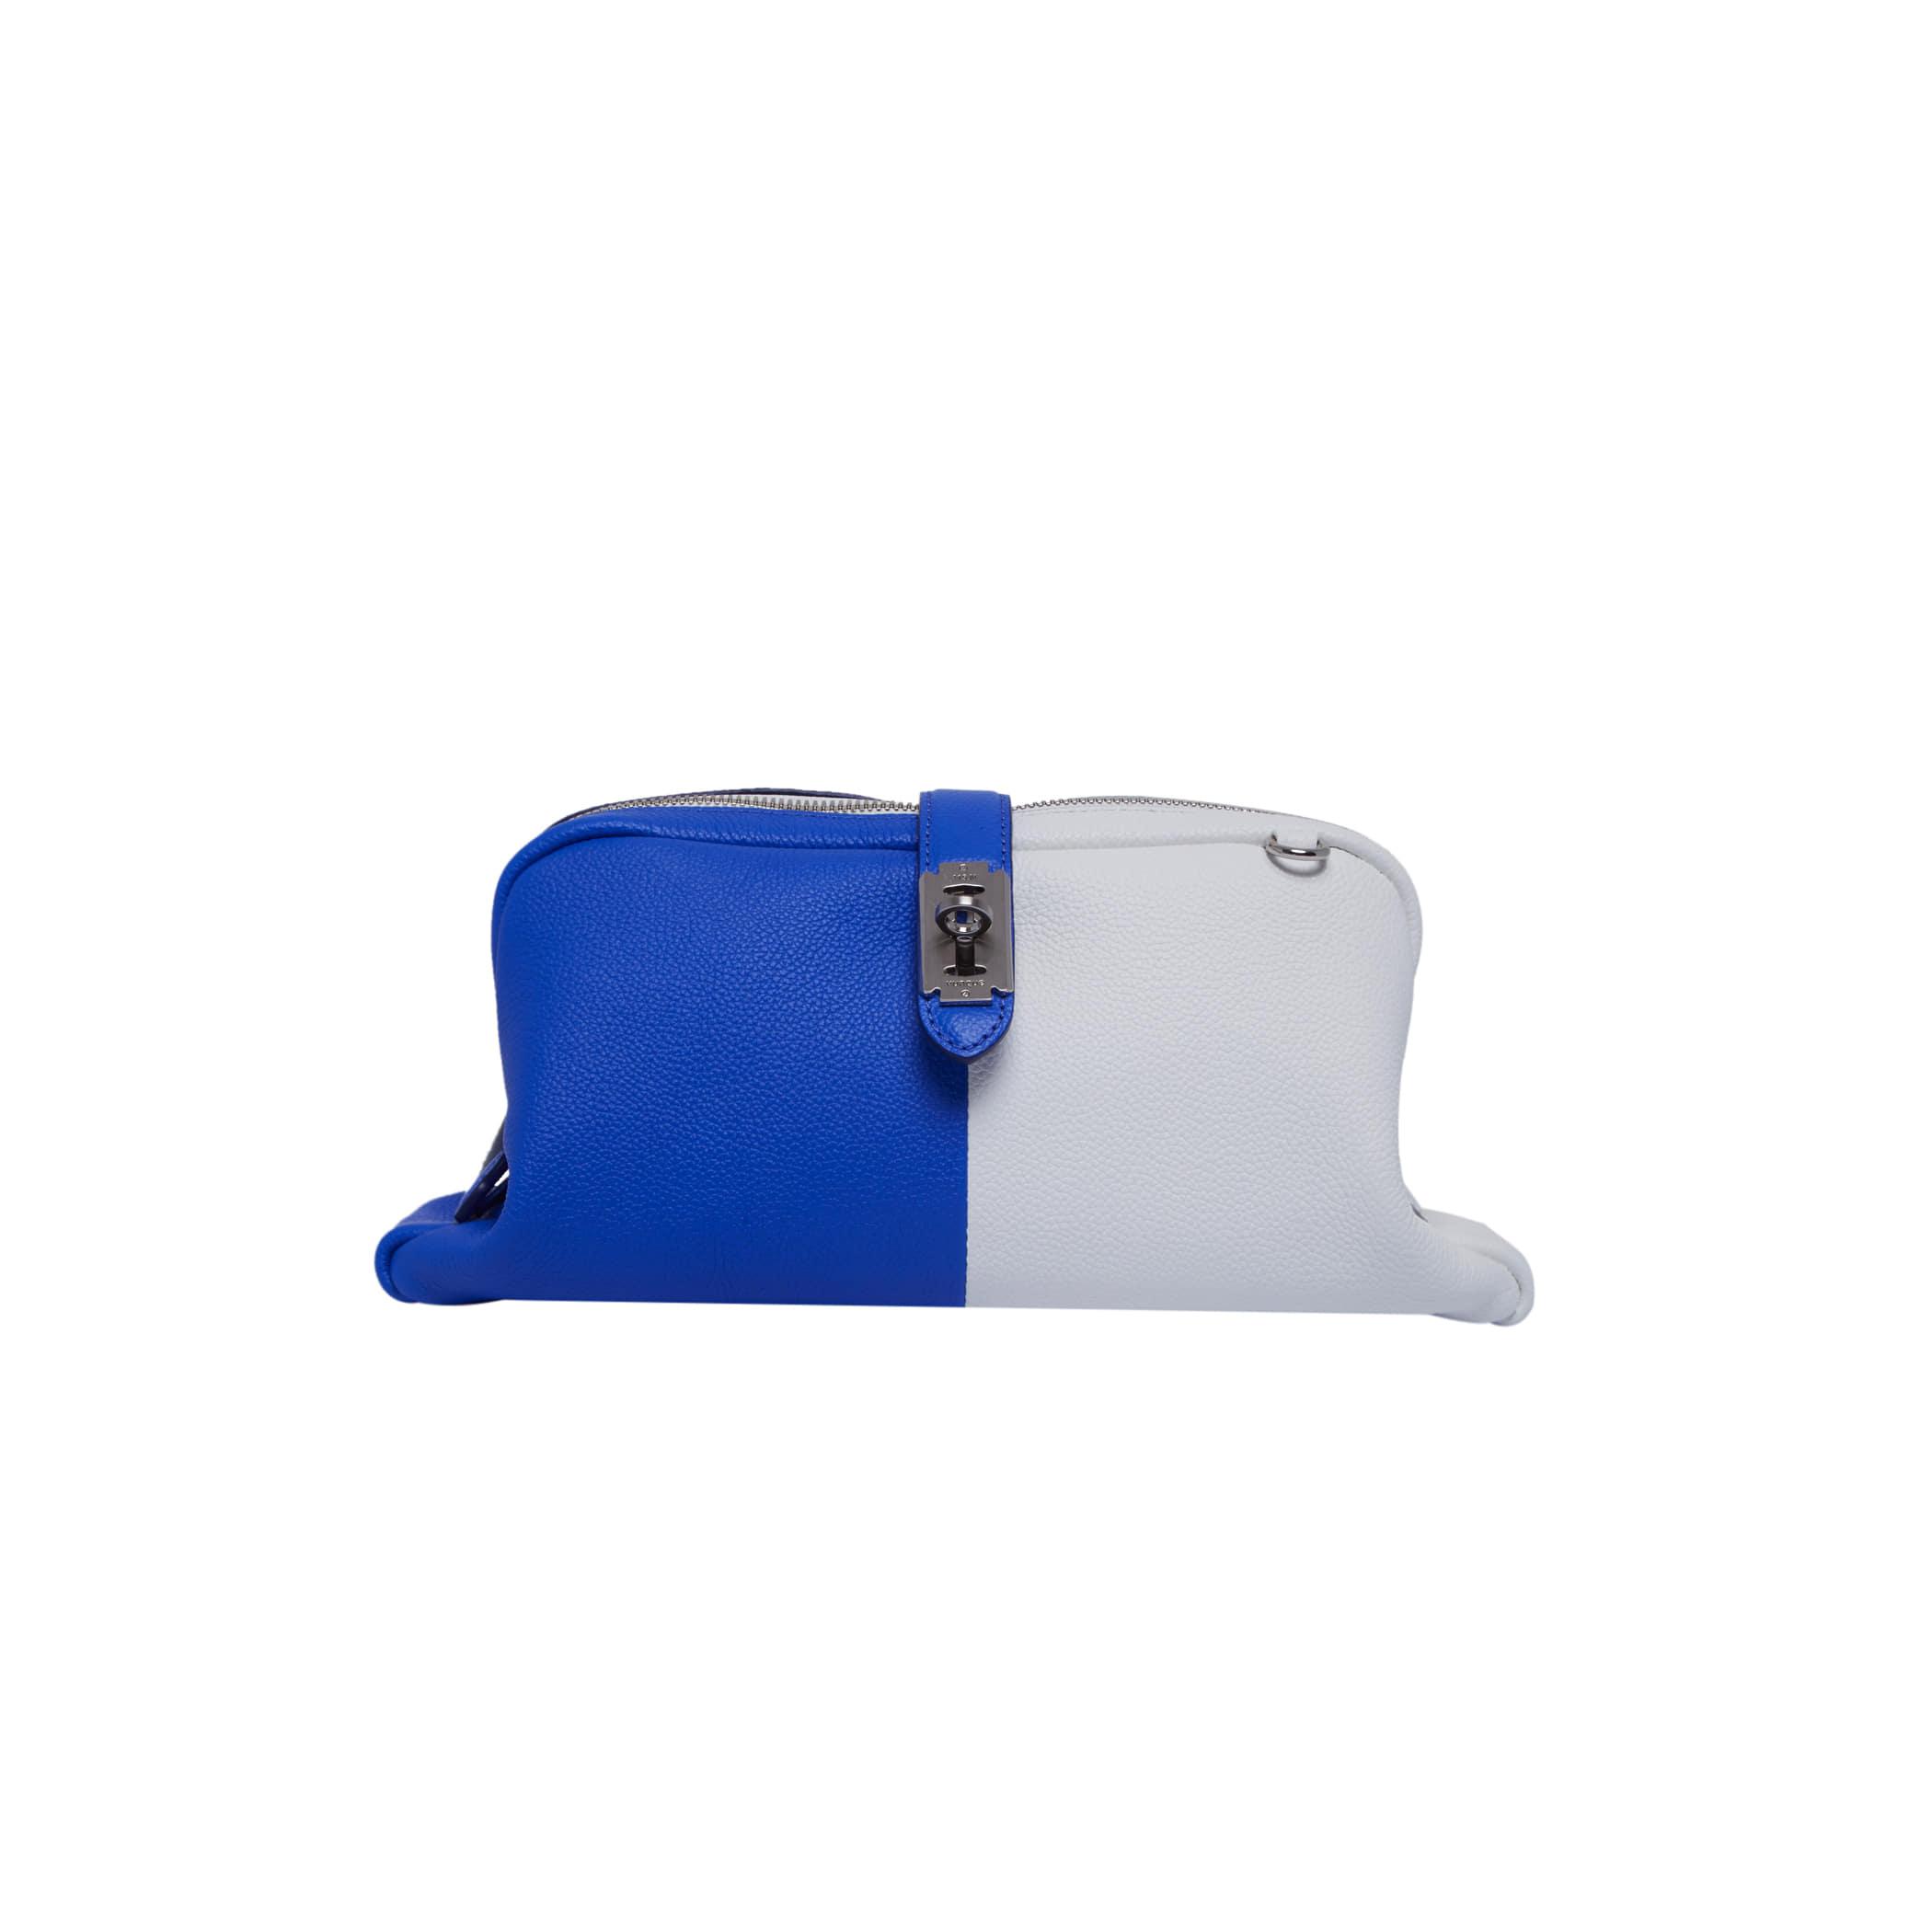 [아울렛] Toque Clutch (토크 클러치) White/Blue